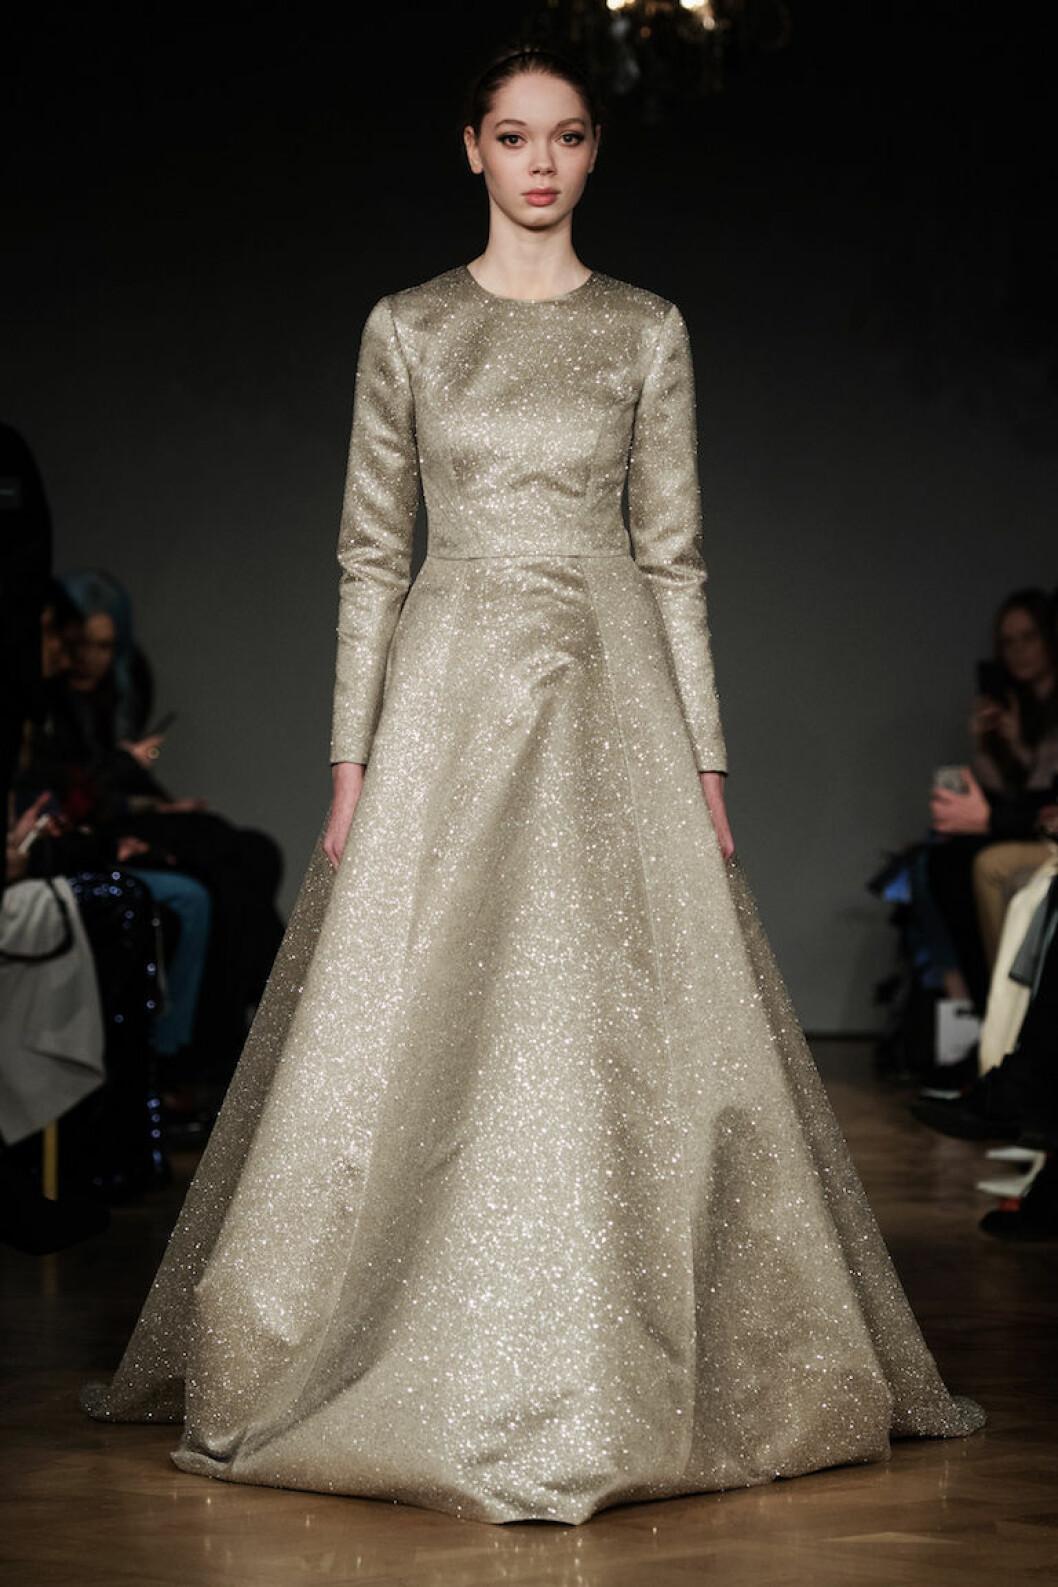 Guldglittrande långklänning från Ida Sjöstedt AW18